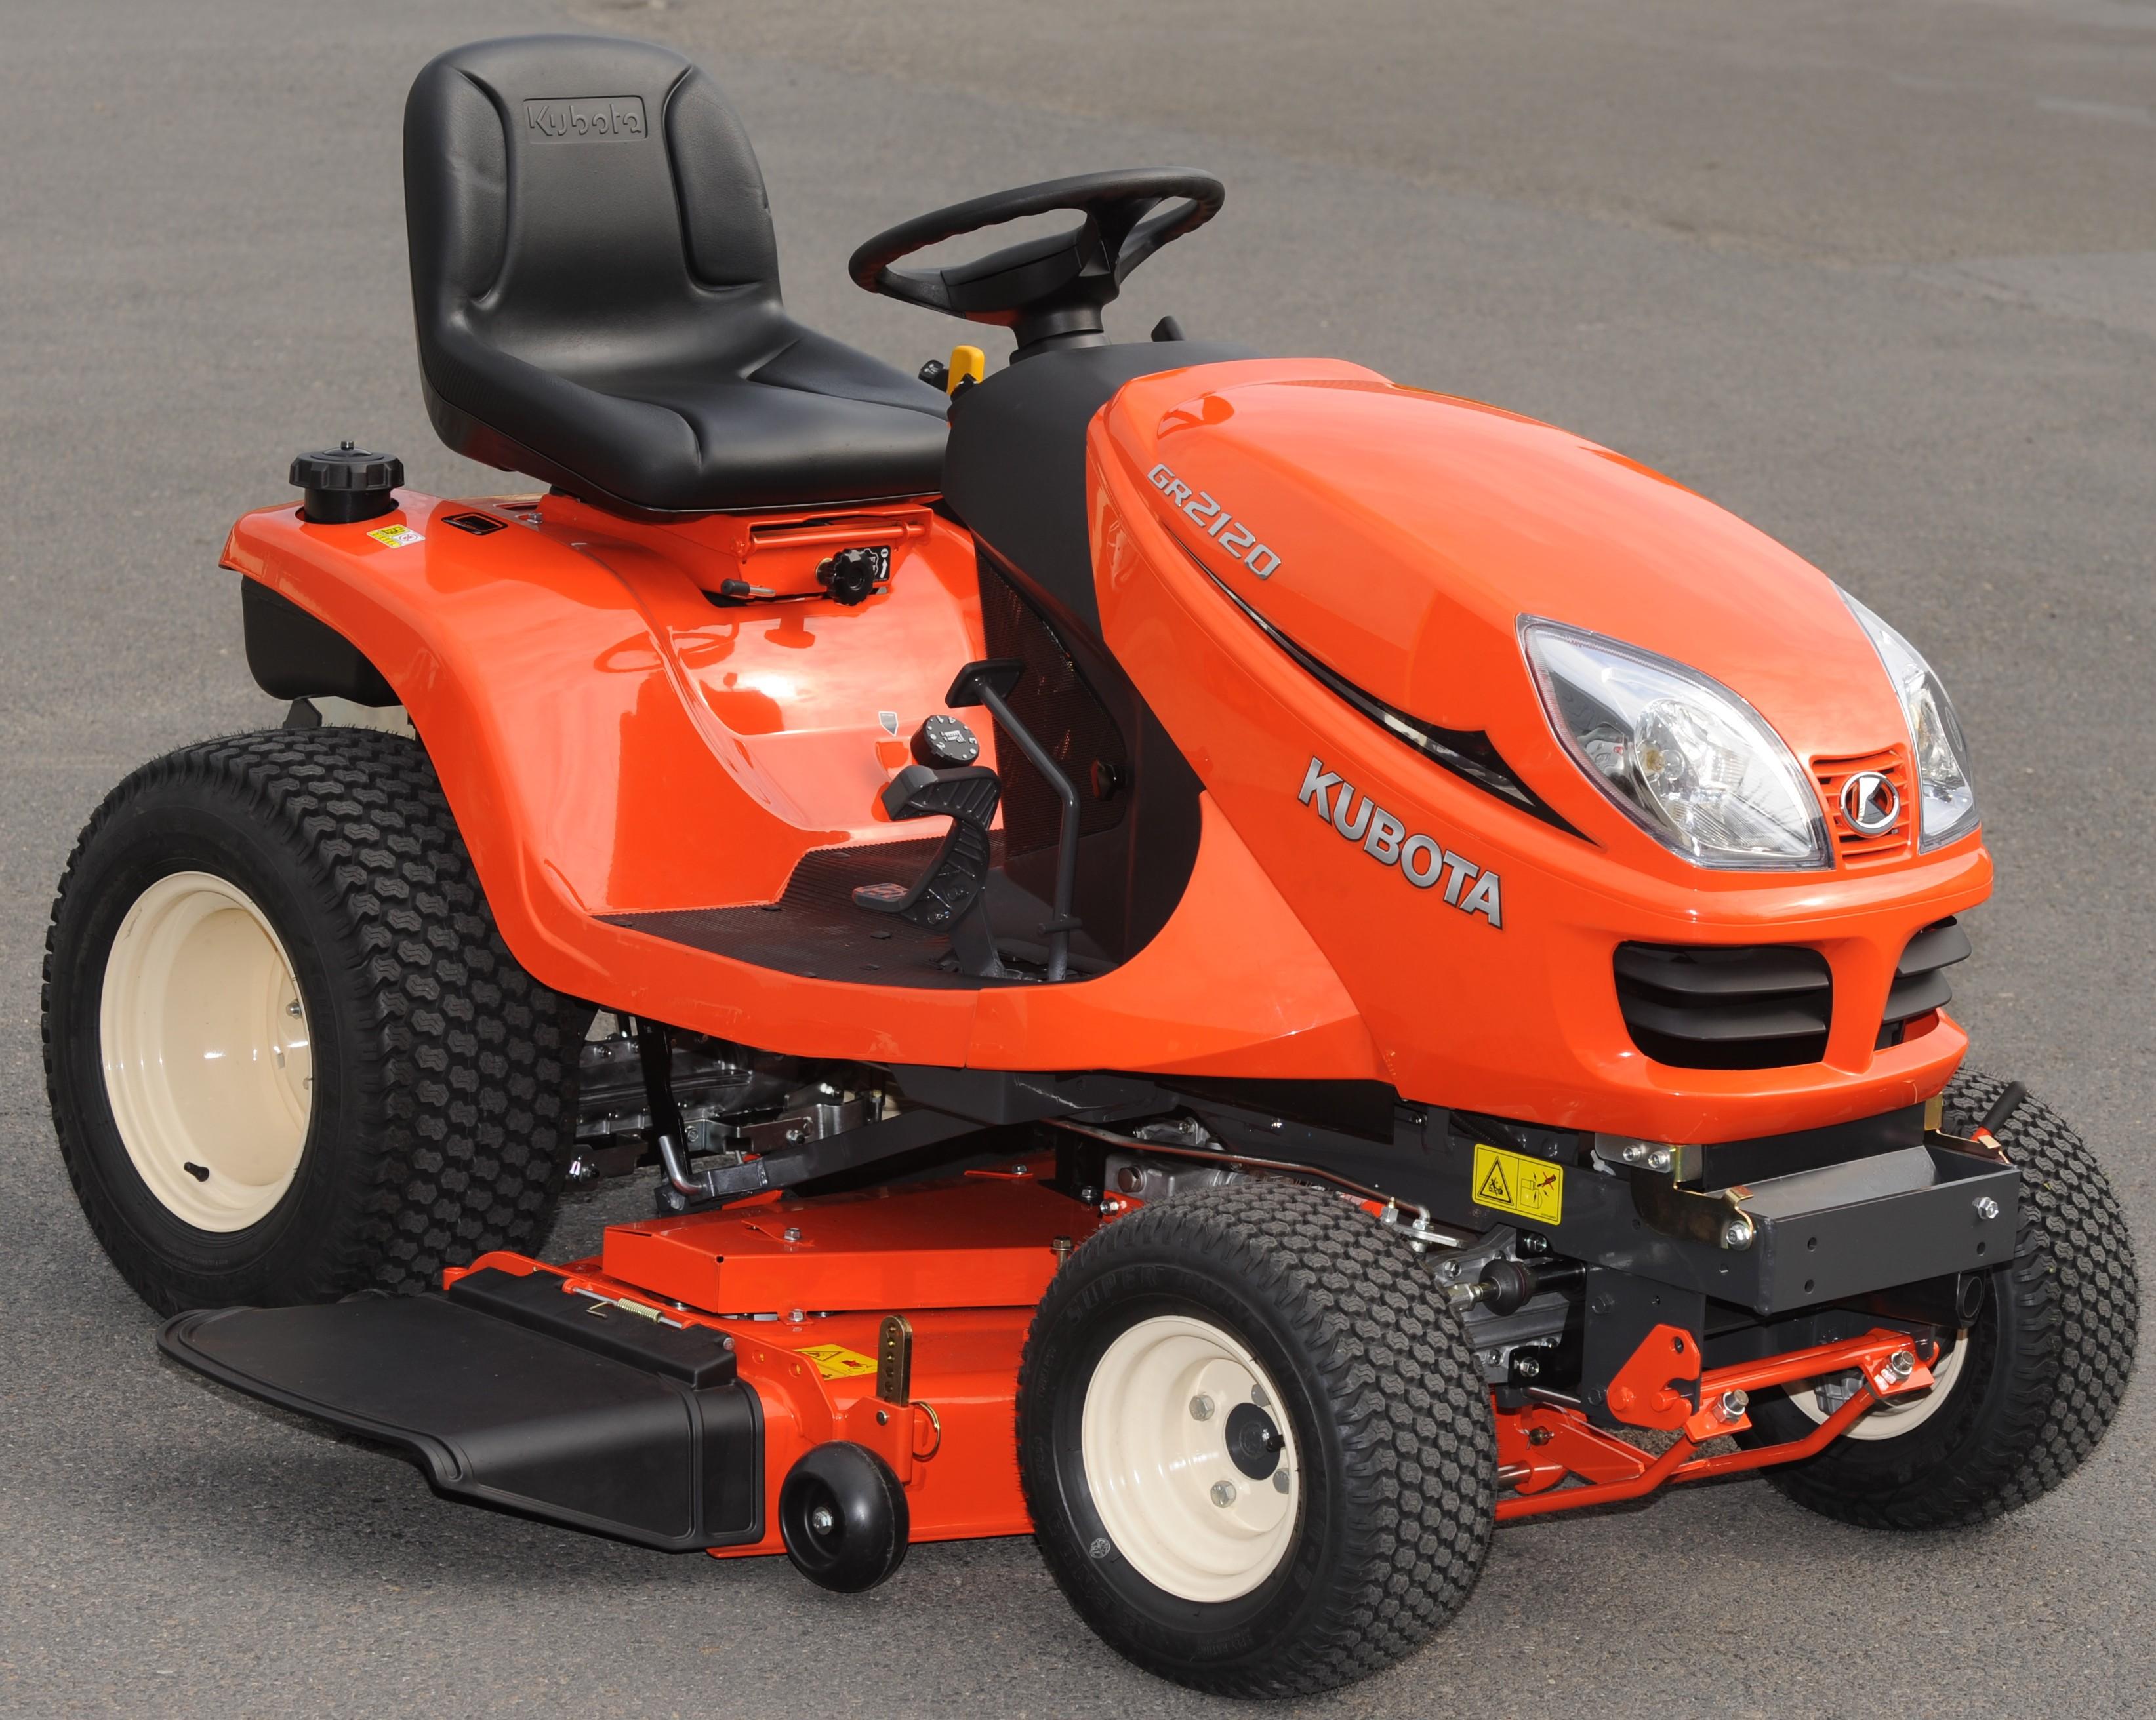 Kubota 21hp Diesel GR2120 Lawn and Garden Tractor